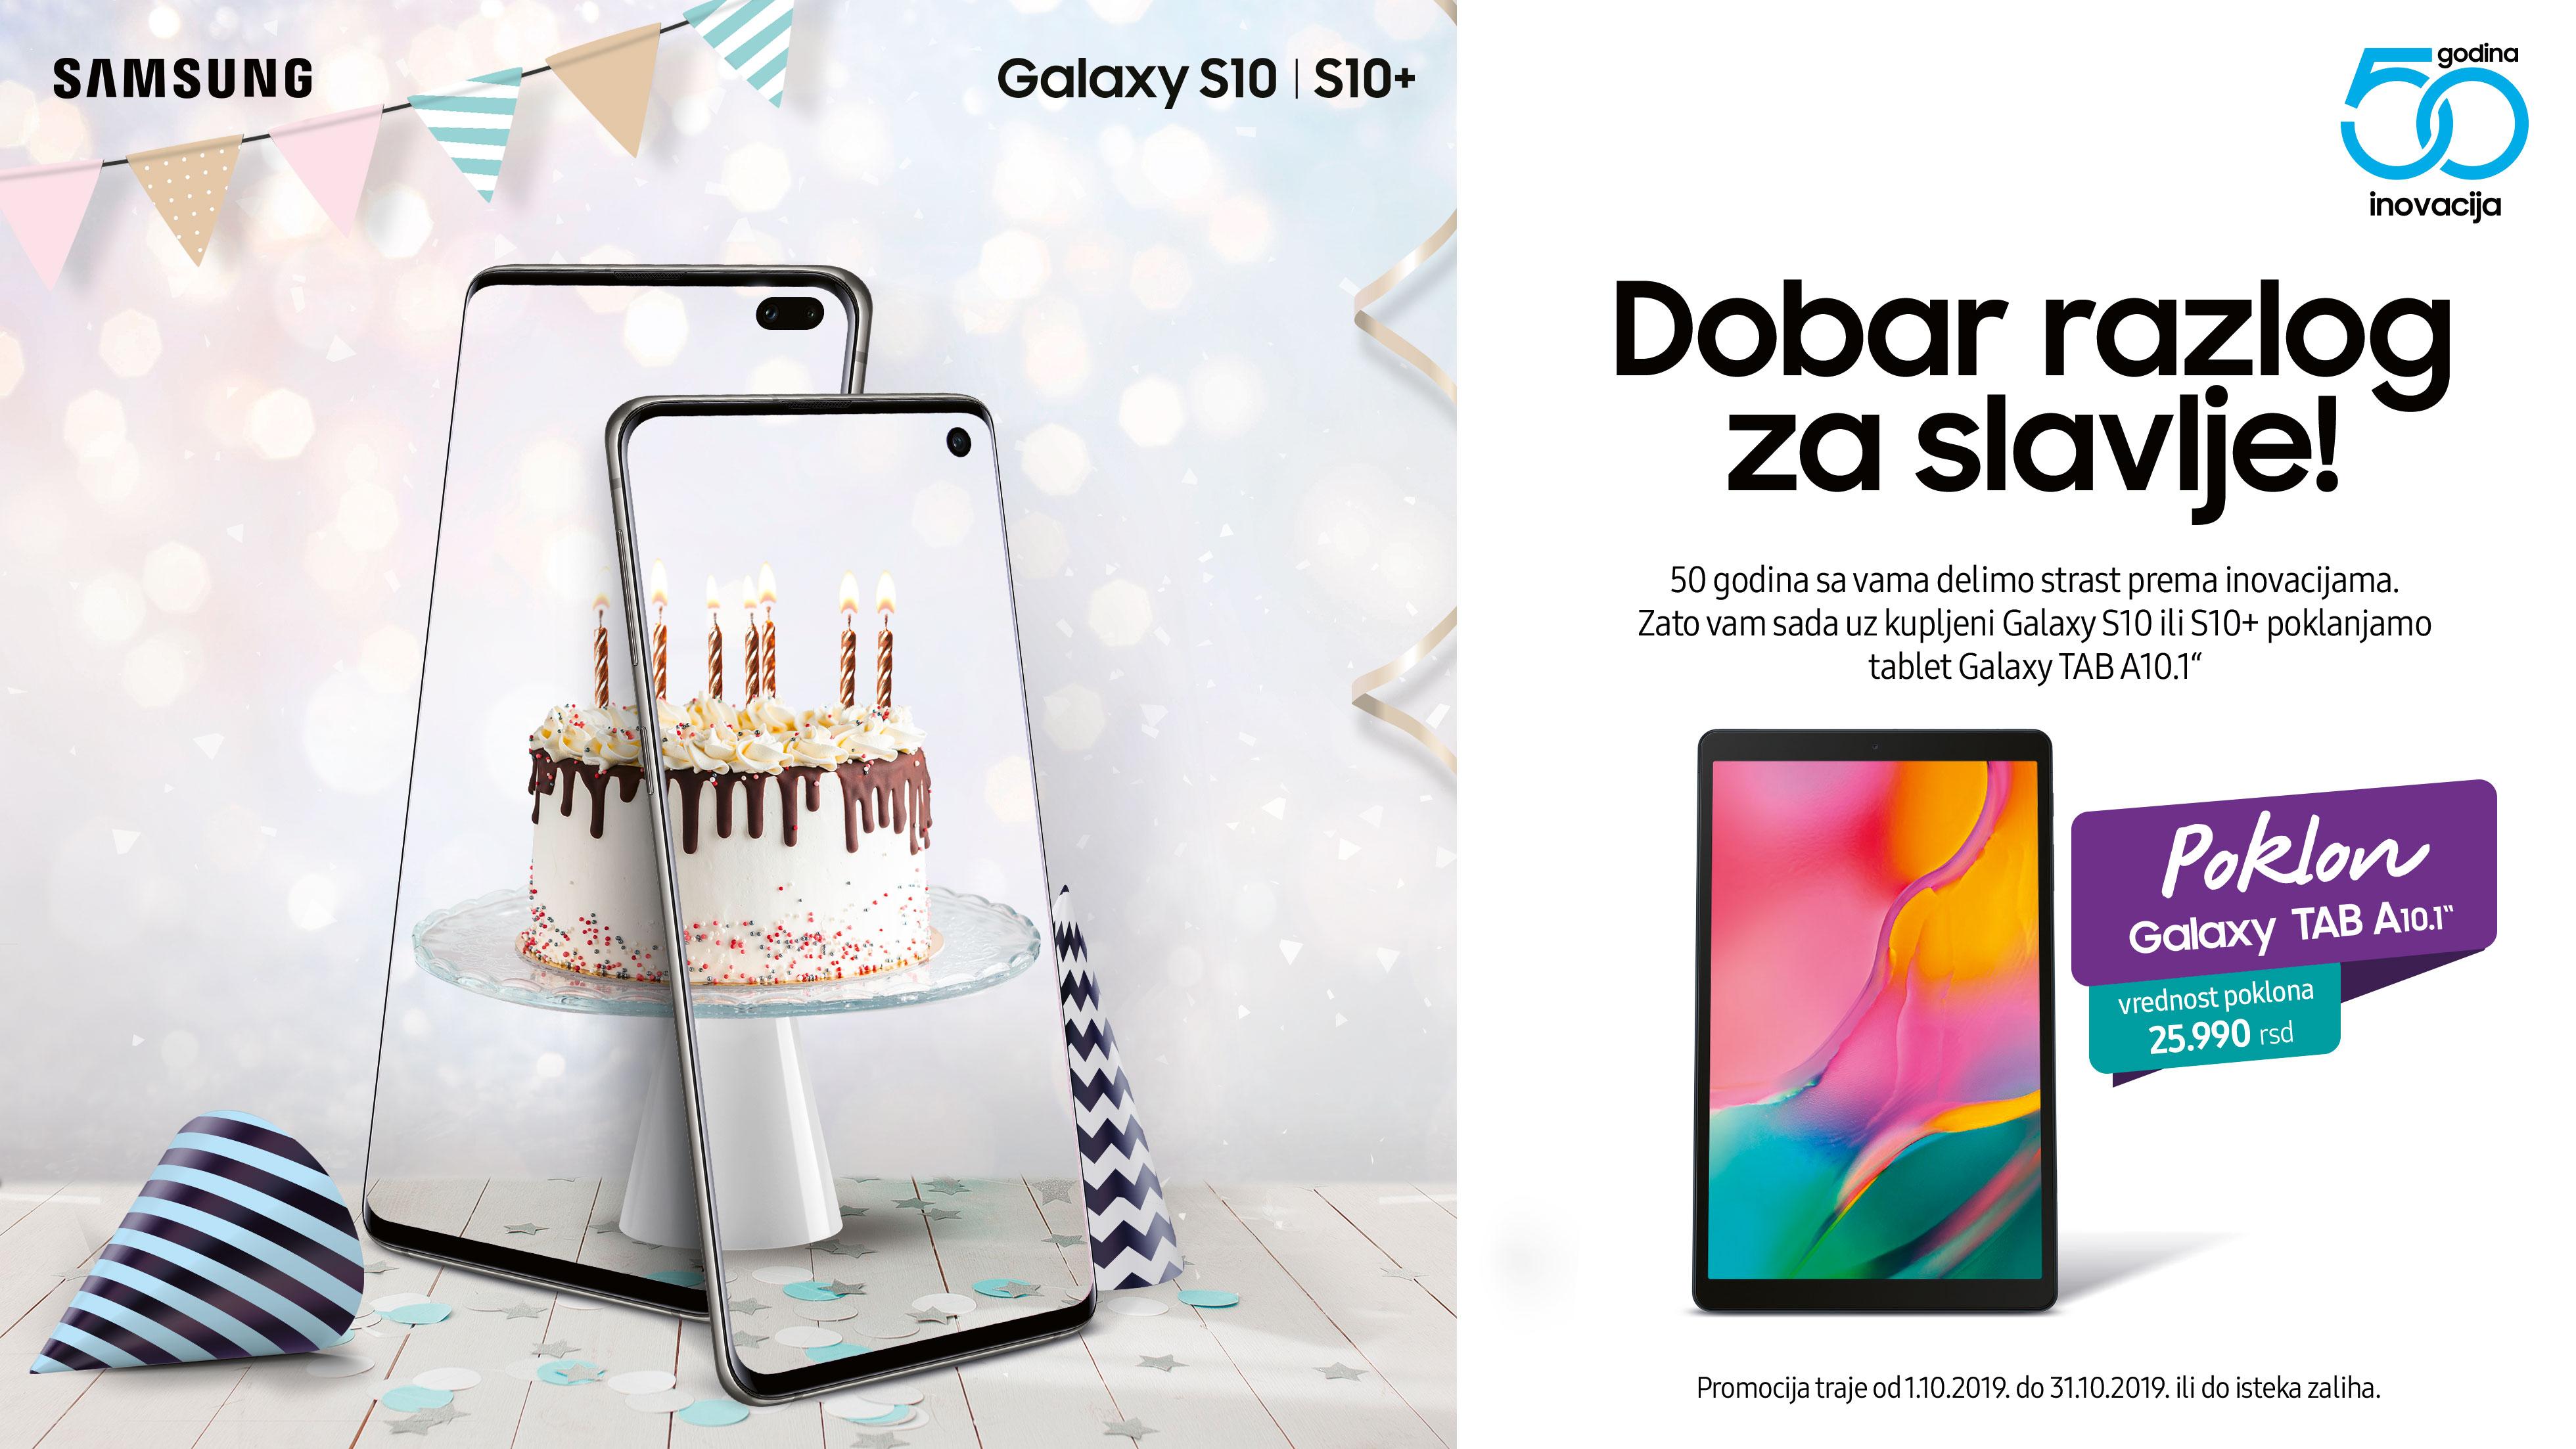 Promocija mobilnih telefona: Uz kupljeni Galaxy S10 ili S10+ na poklon Galaxy TAB A!